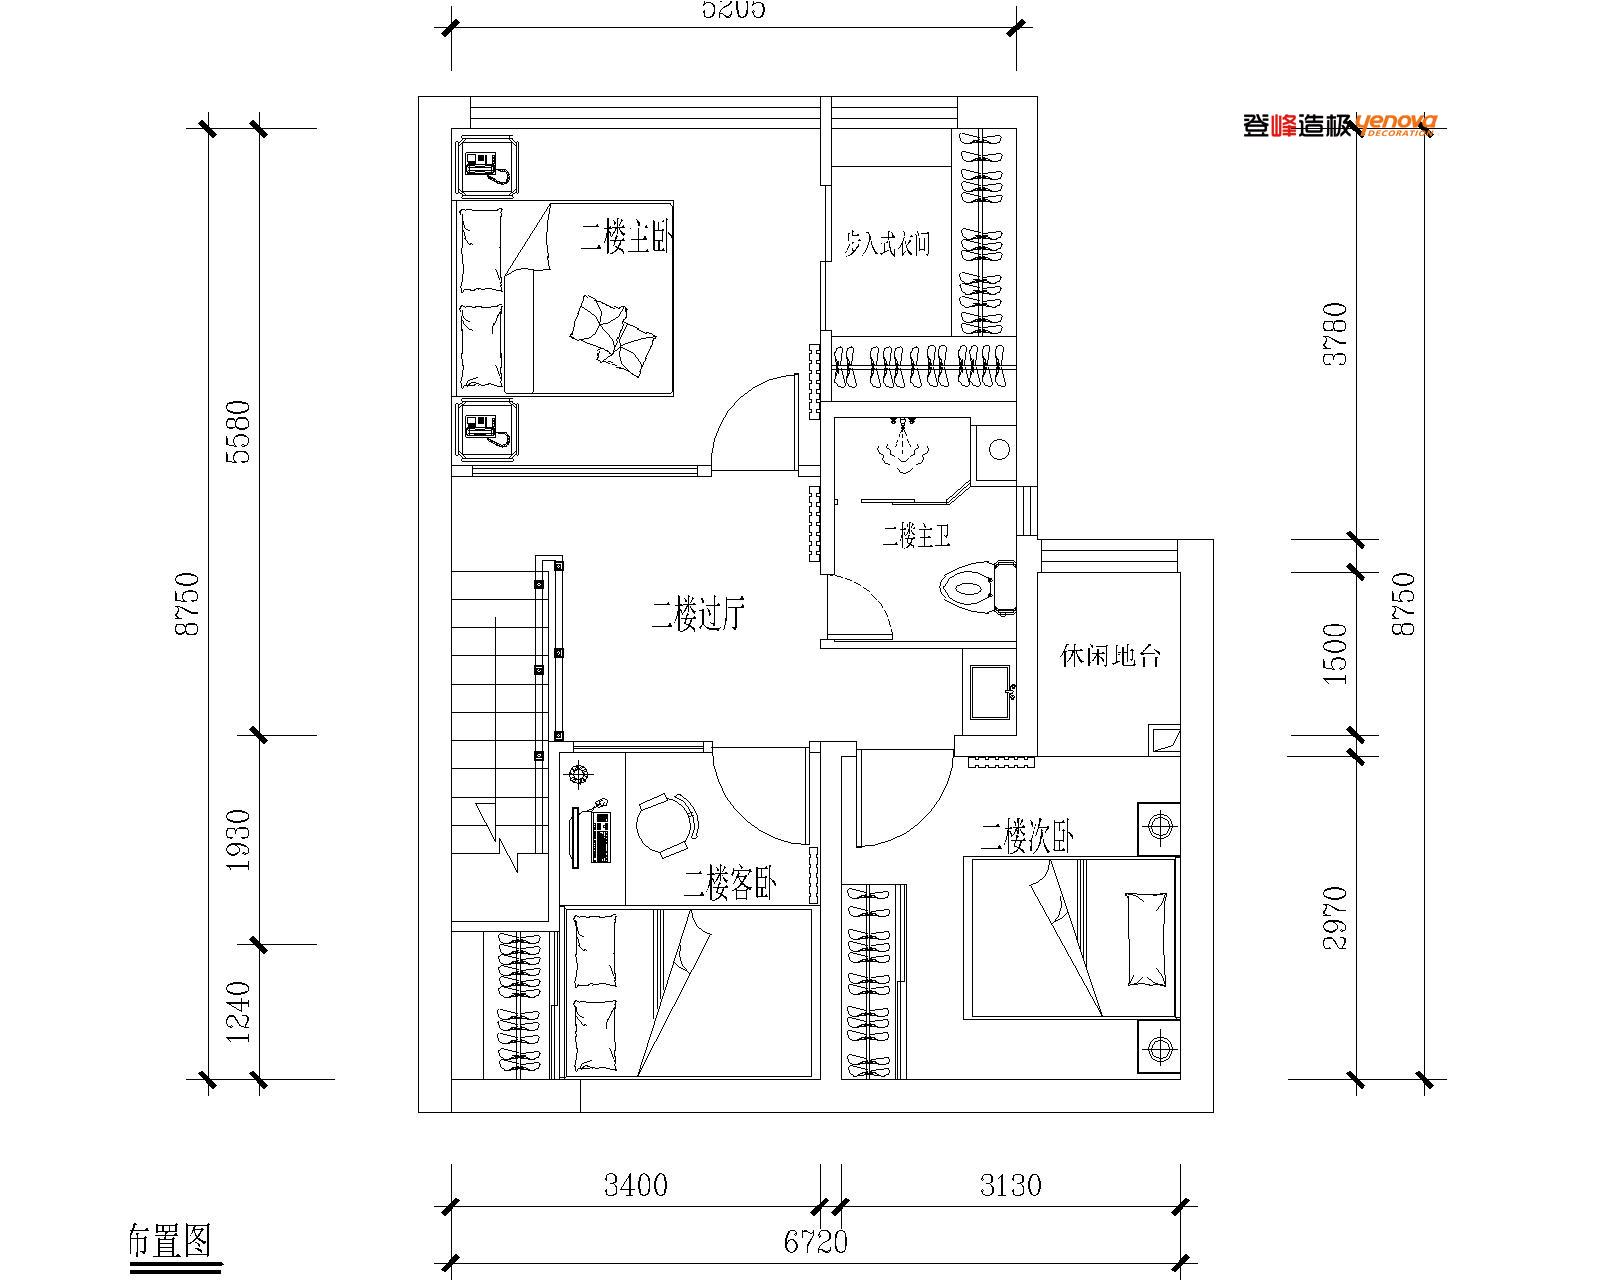 现代 红星美凯龙 收纳 小资 环保装修 户型图图片来自兰州业之峰大户型设计中心在兰州红星紫郡100loft经典案例的分享